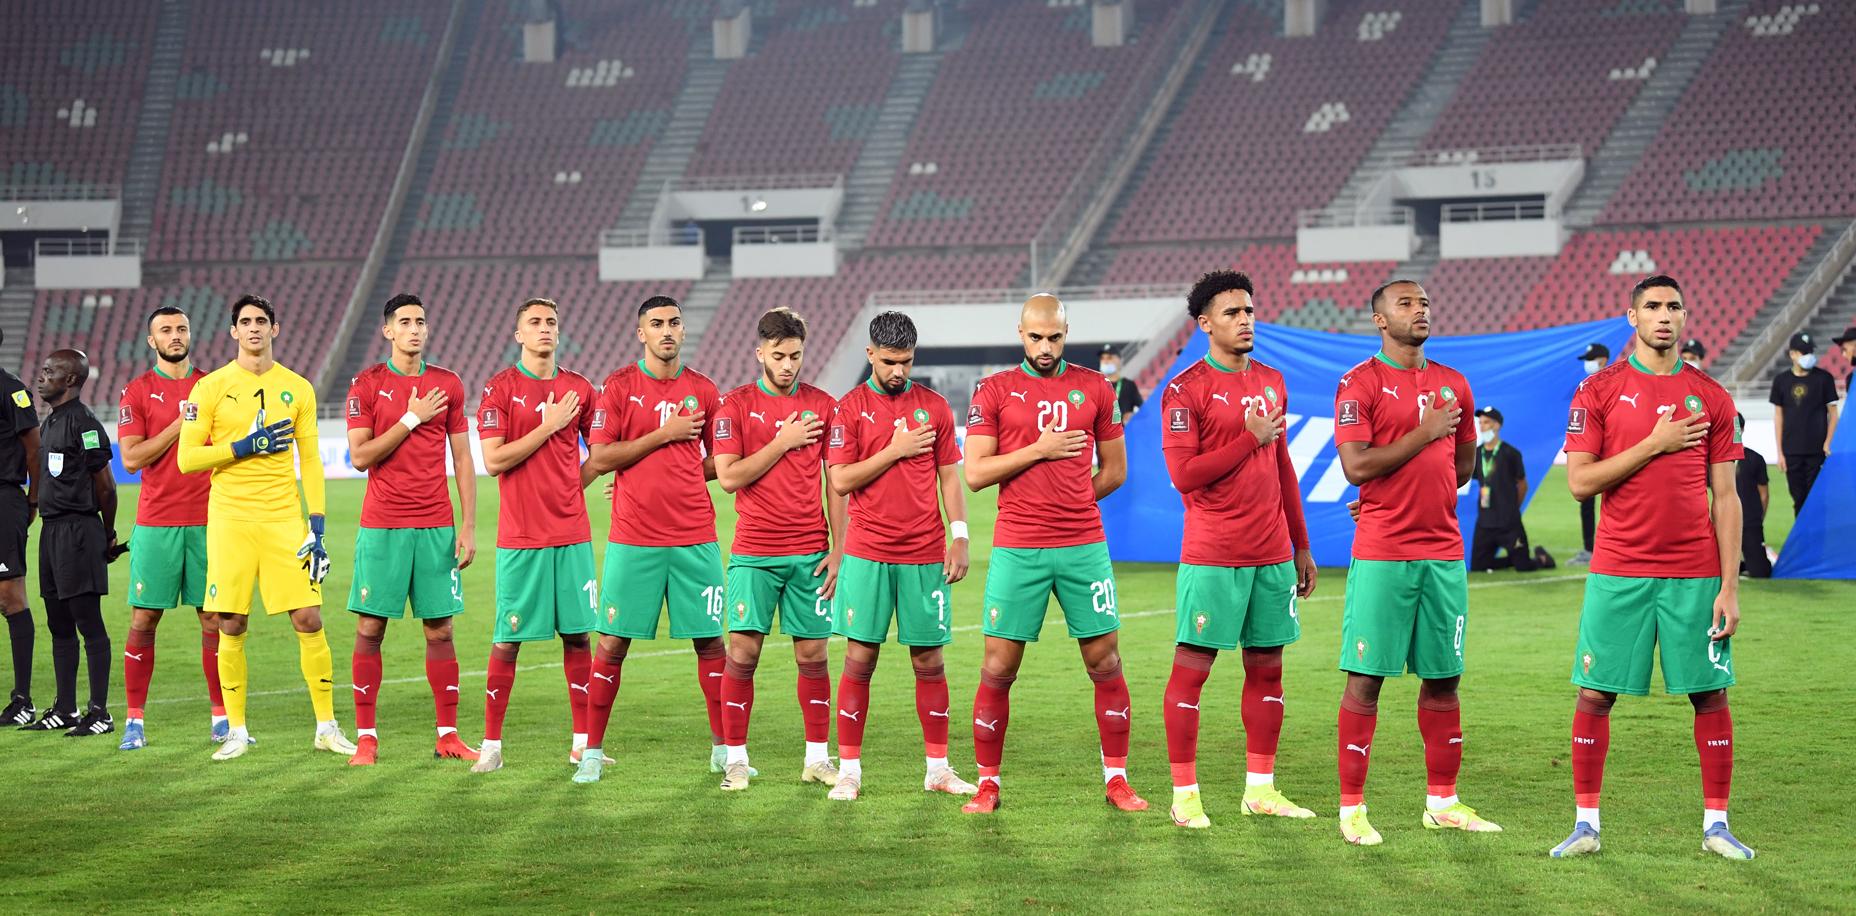 المنتخب الوطني يتفادى مواجهة الأقوياء وهذه المنتخبات مرشحة لمواجهته في الدور الفاصل